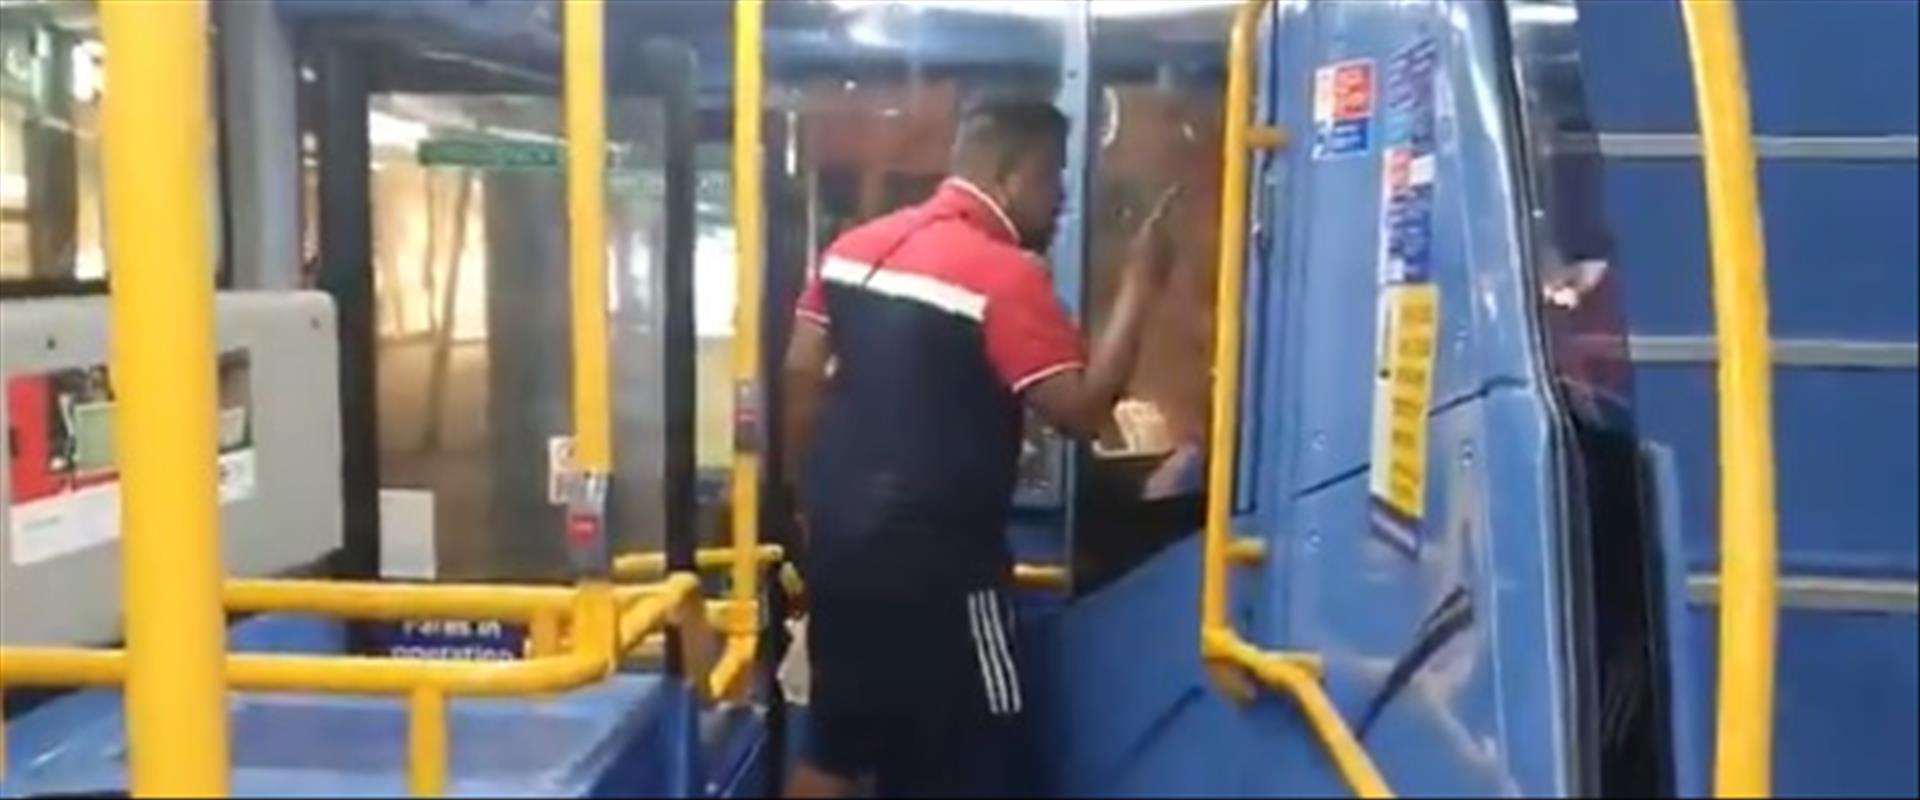 תקיפת צעיר יהודי באוטובוס בלונדון